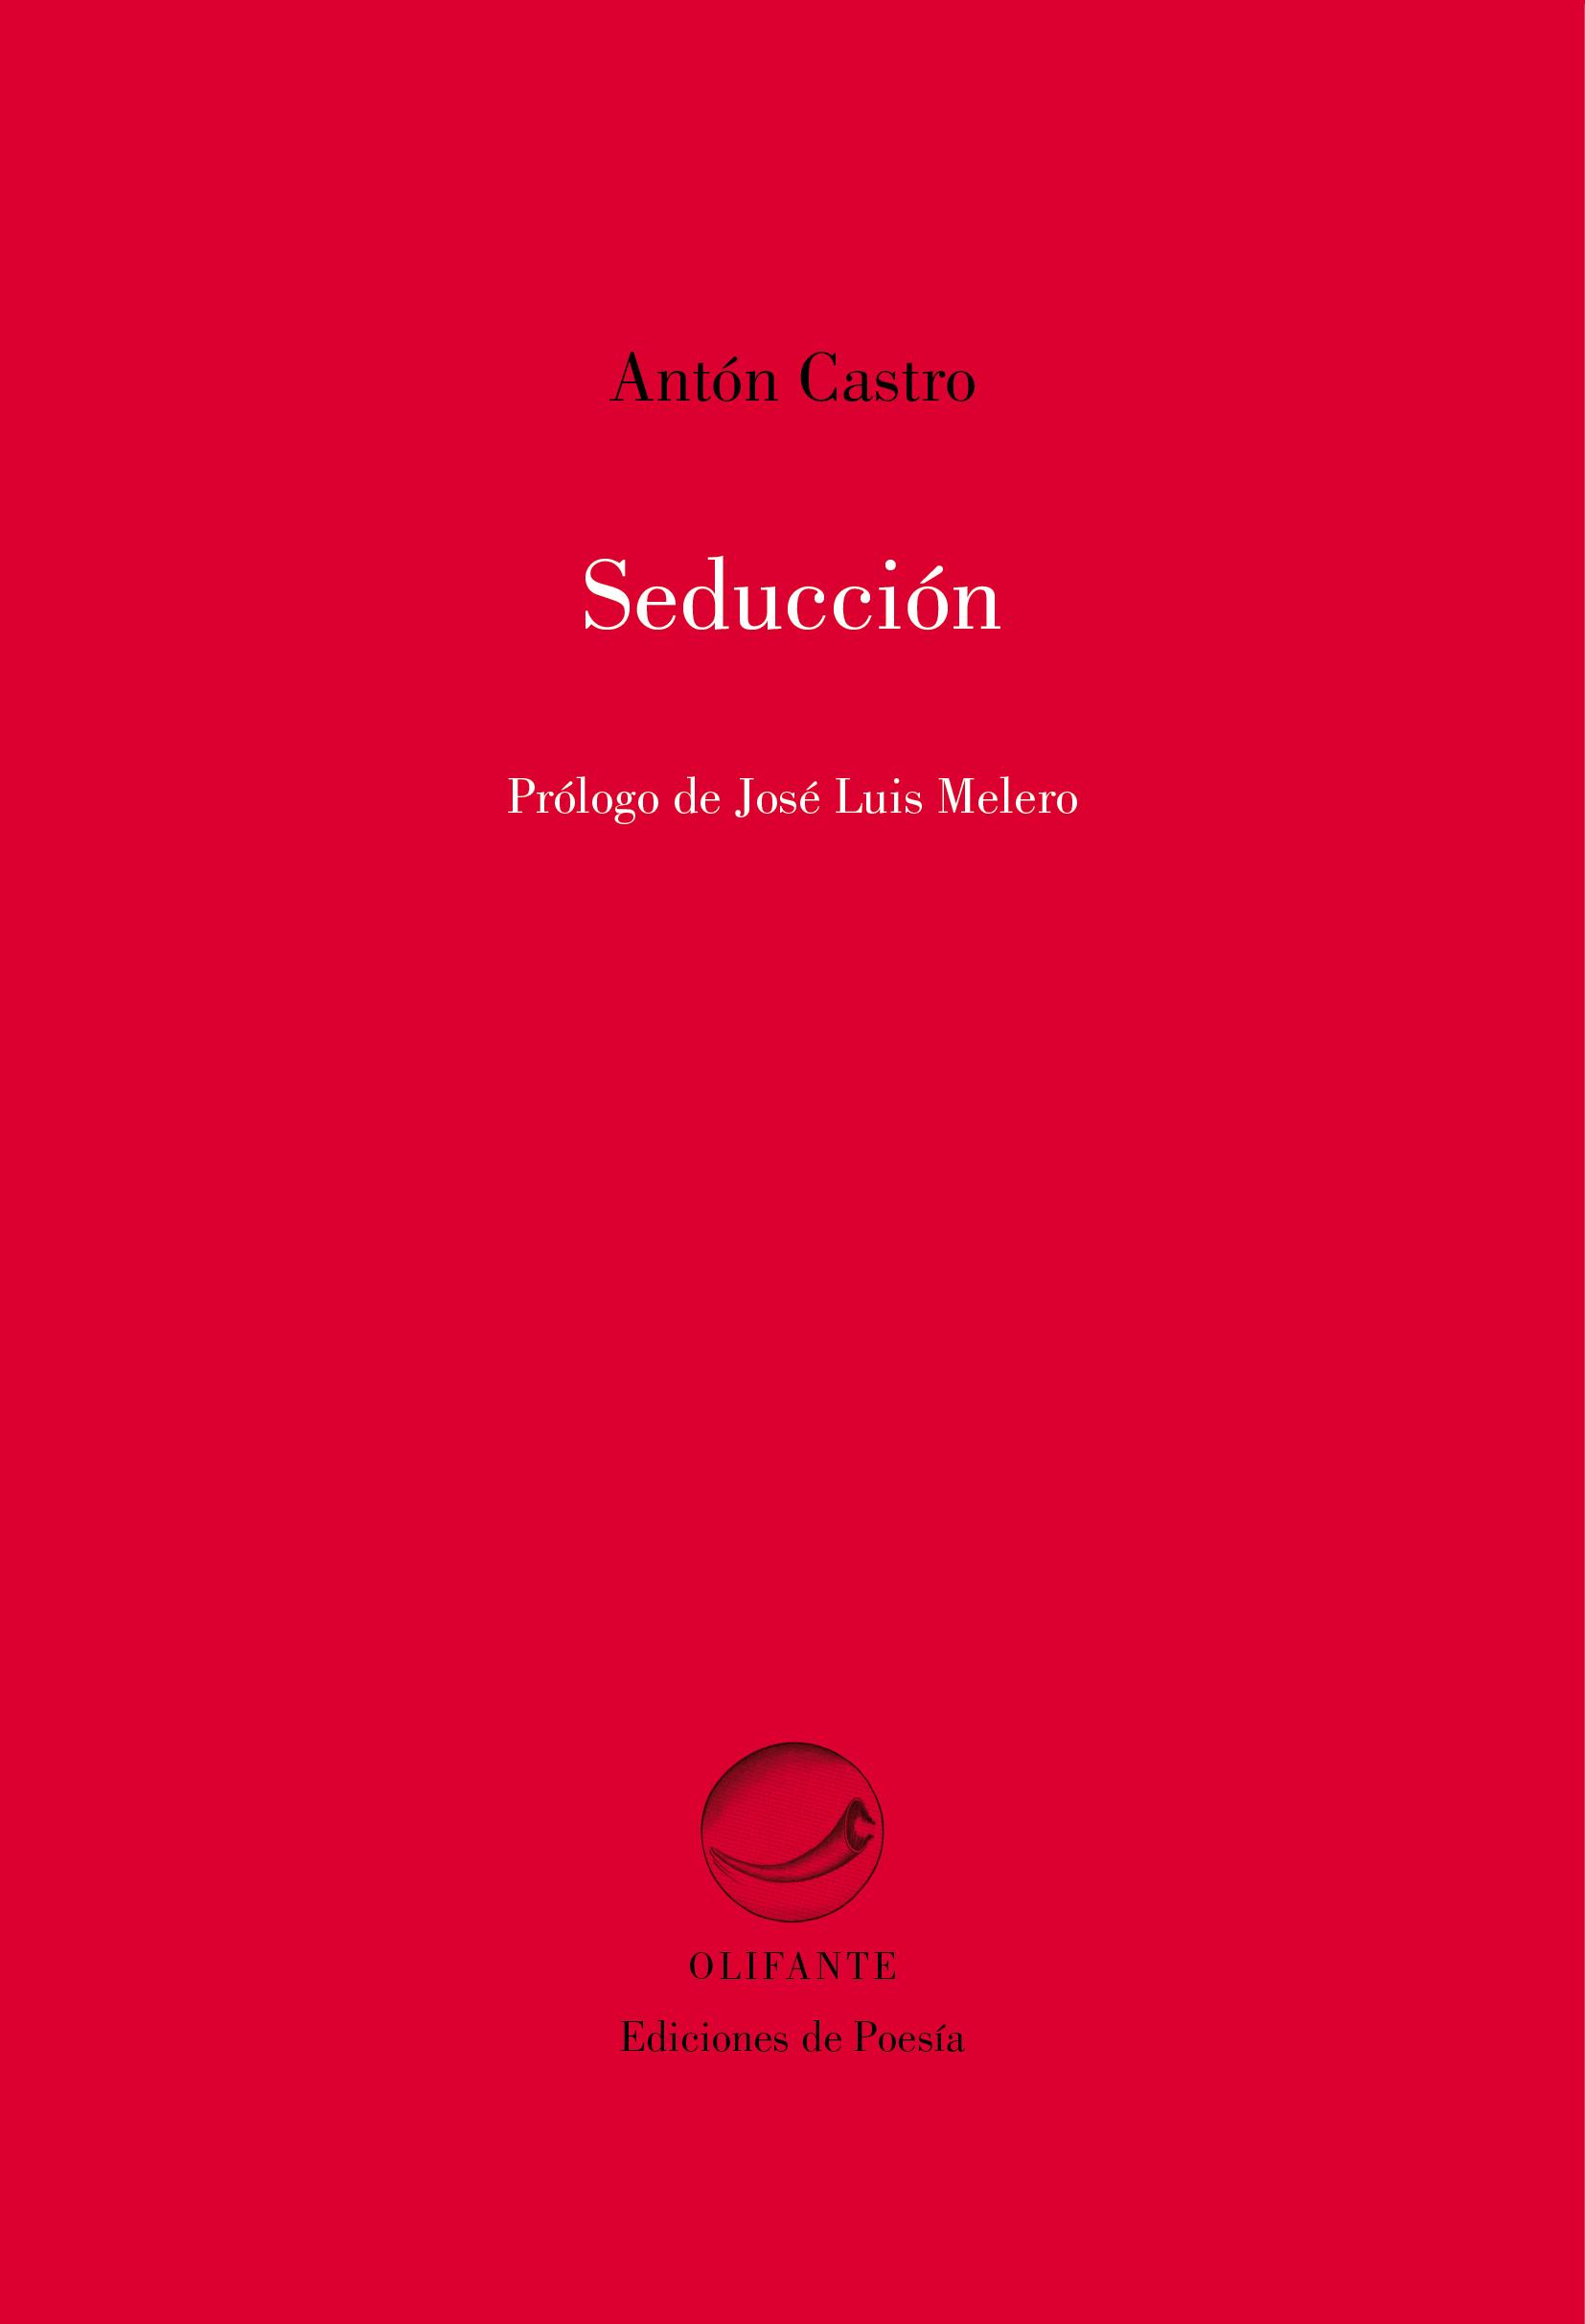 Seducción, Antón Castro, Zaragoza, Olifante, 2014, 85 pp, 15 euros.